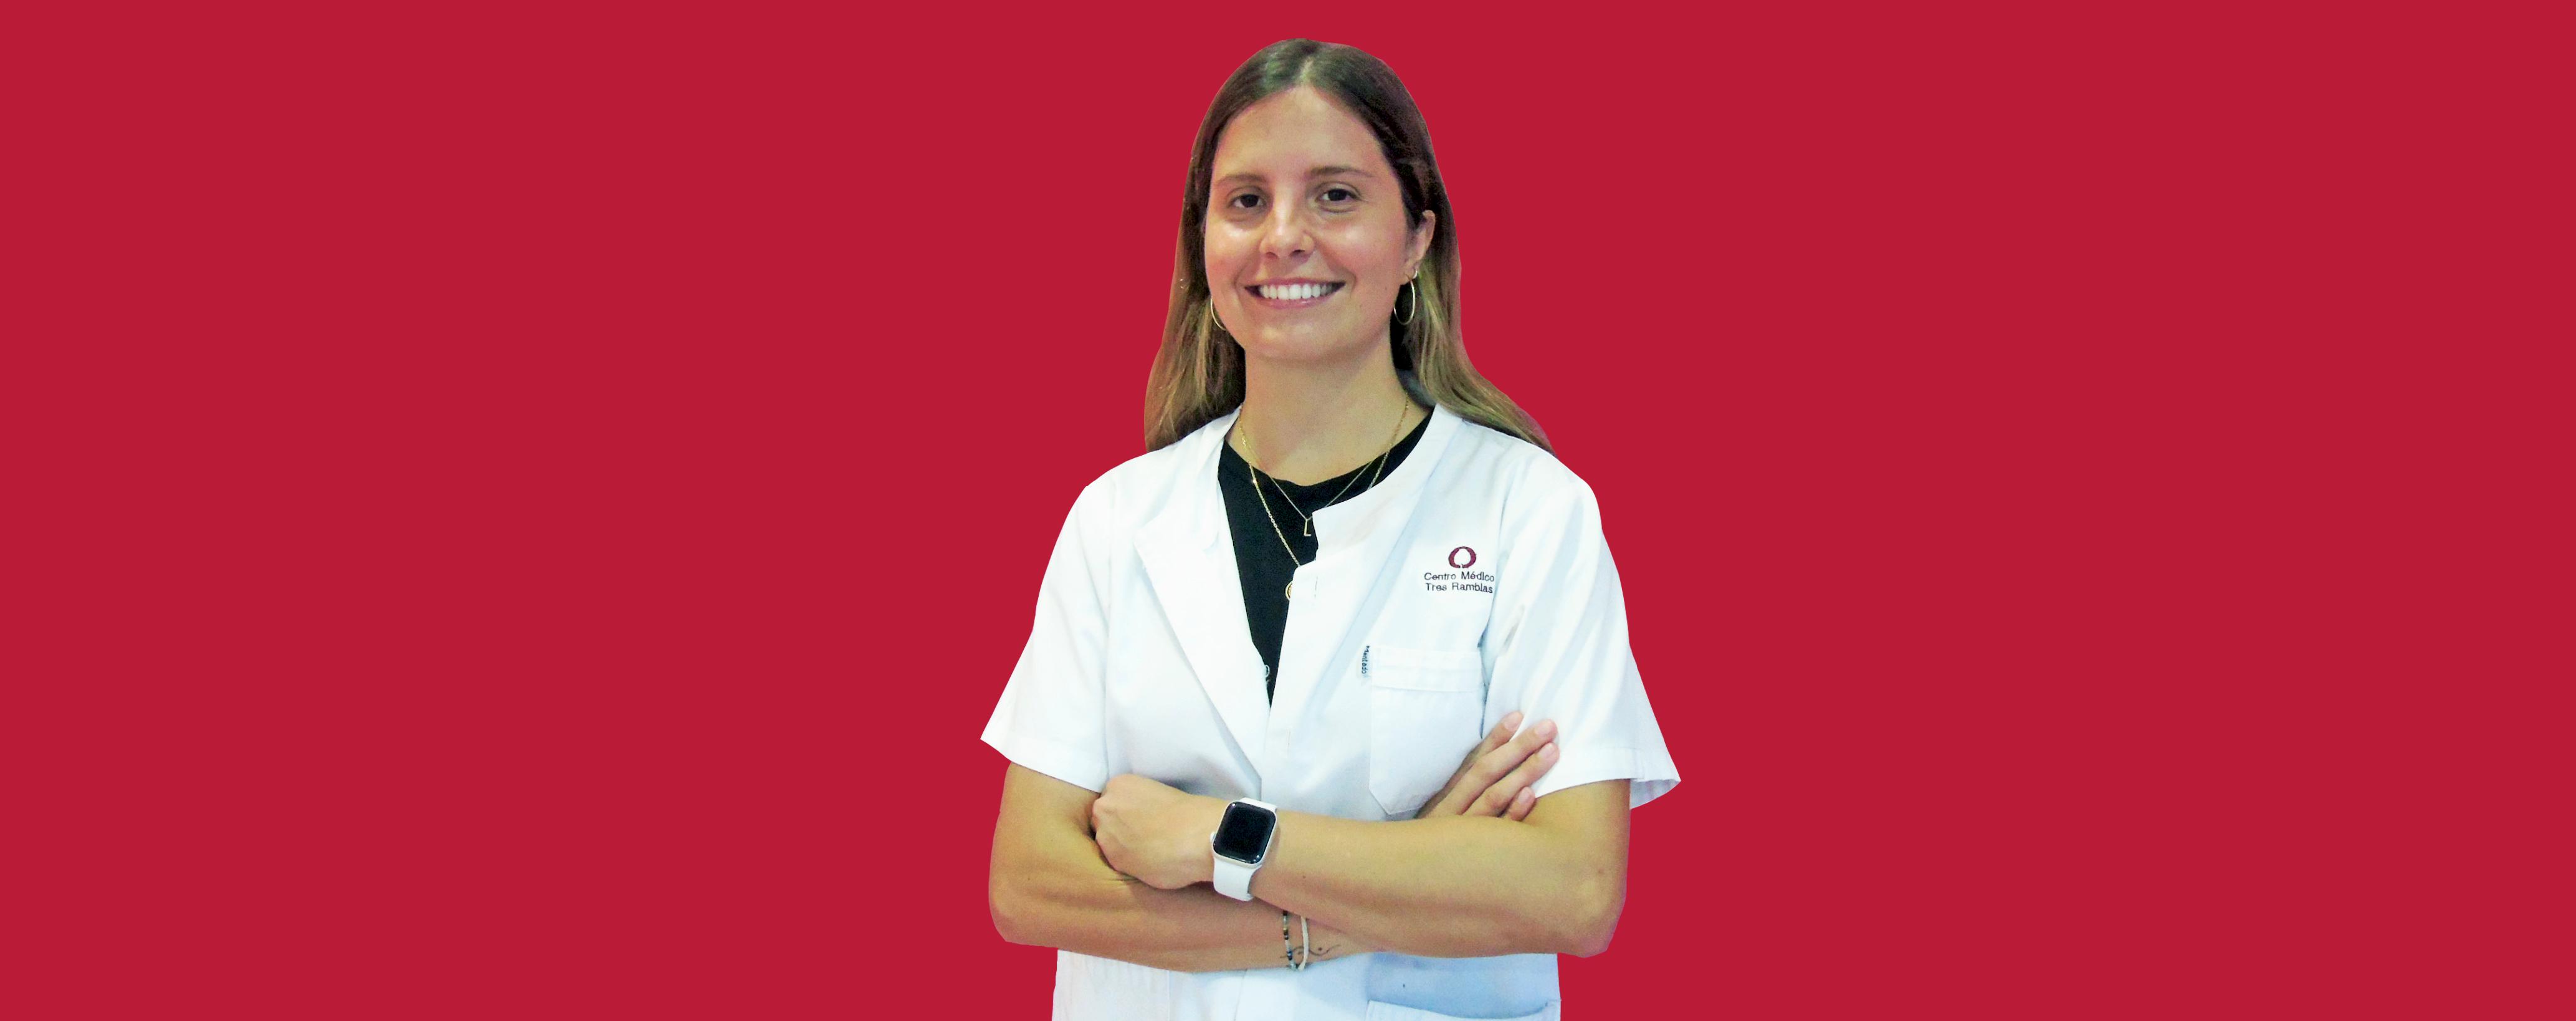 Dra. Lara Tormo Rodríguez